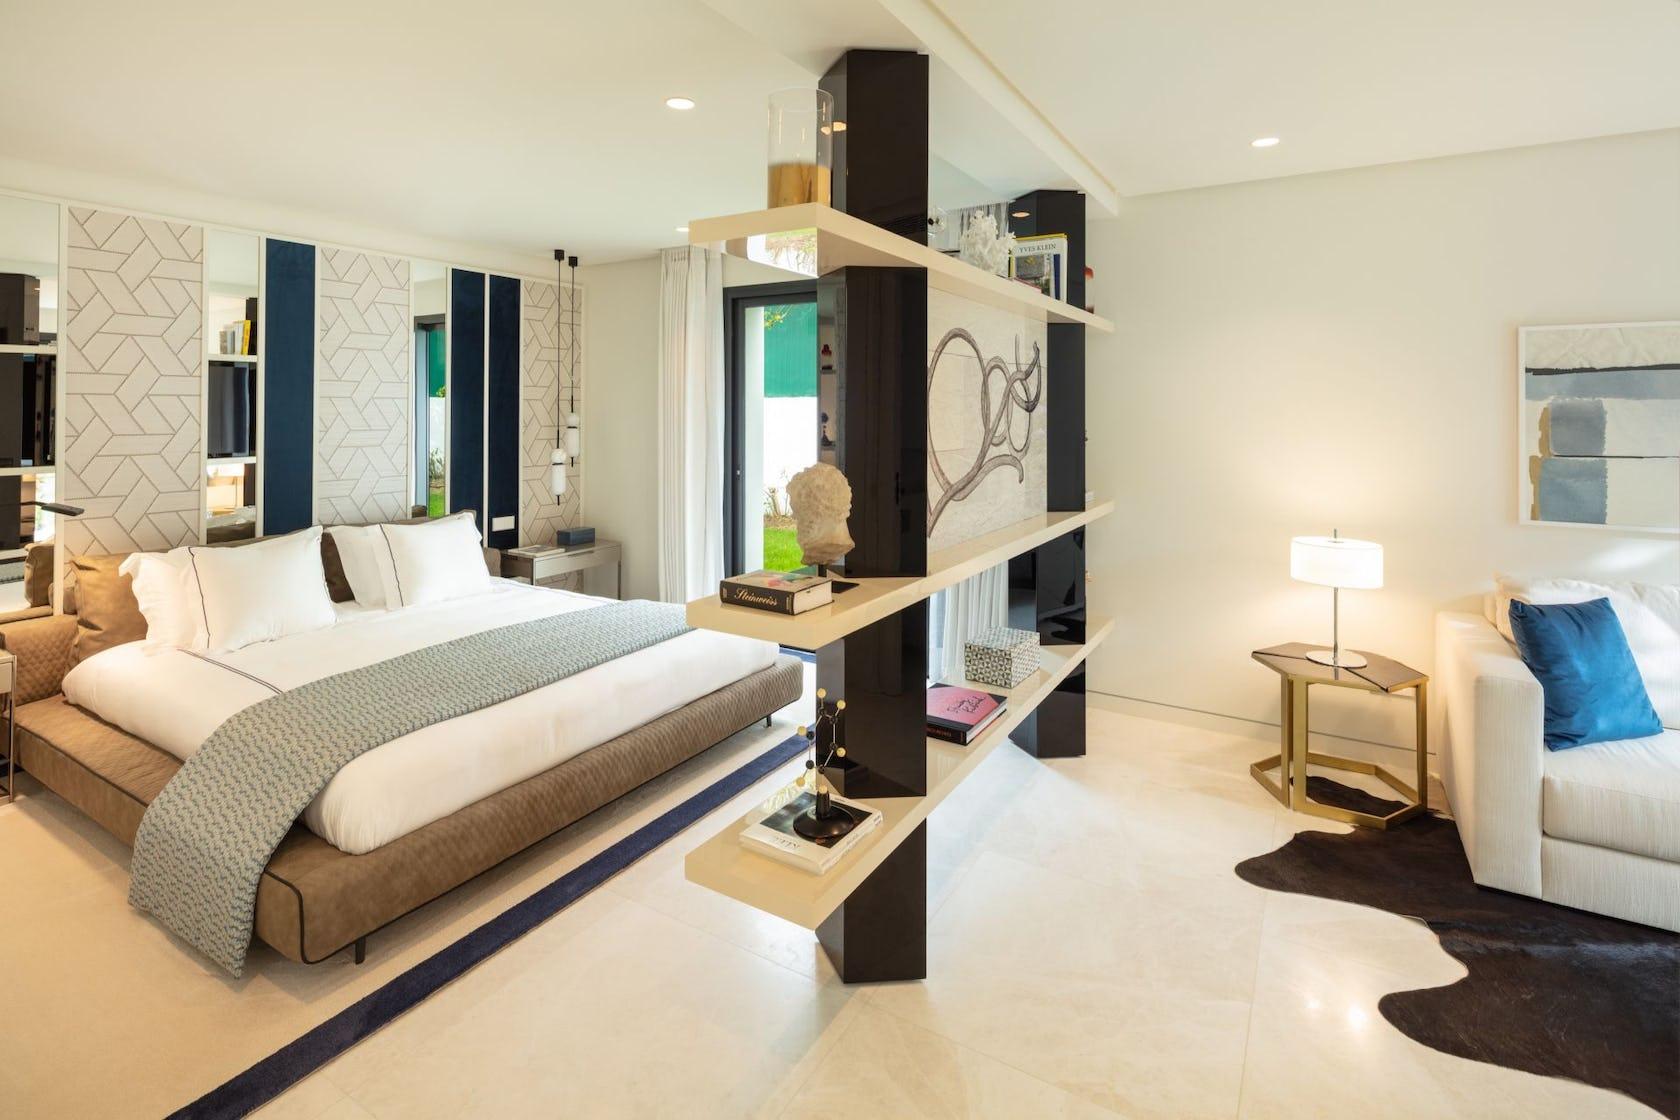 bedroom room indoors furniture interior design flooring corner floor